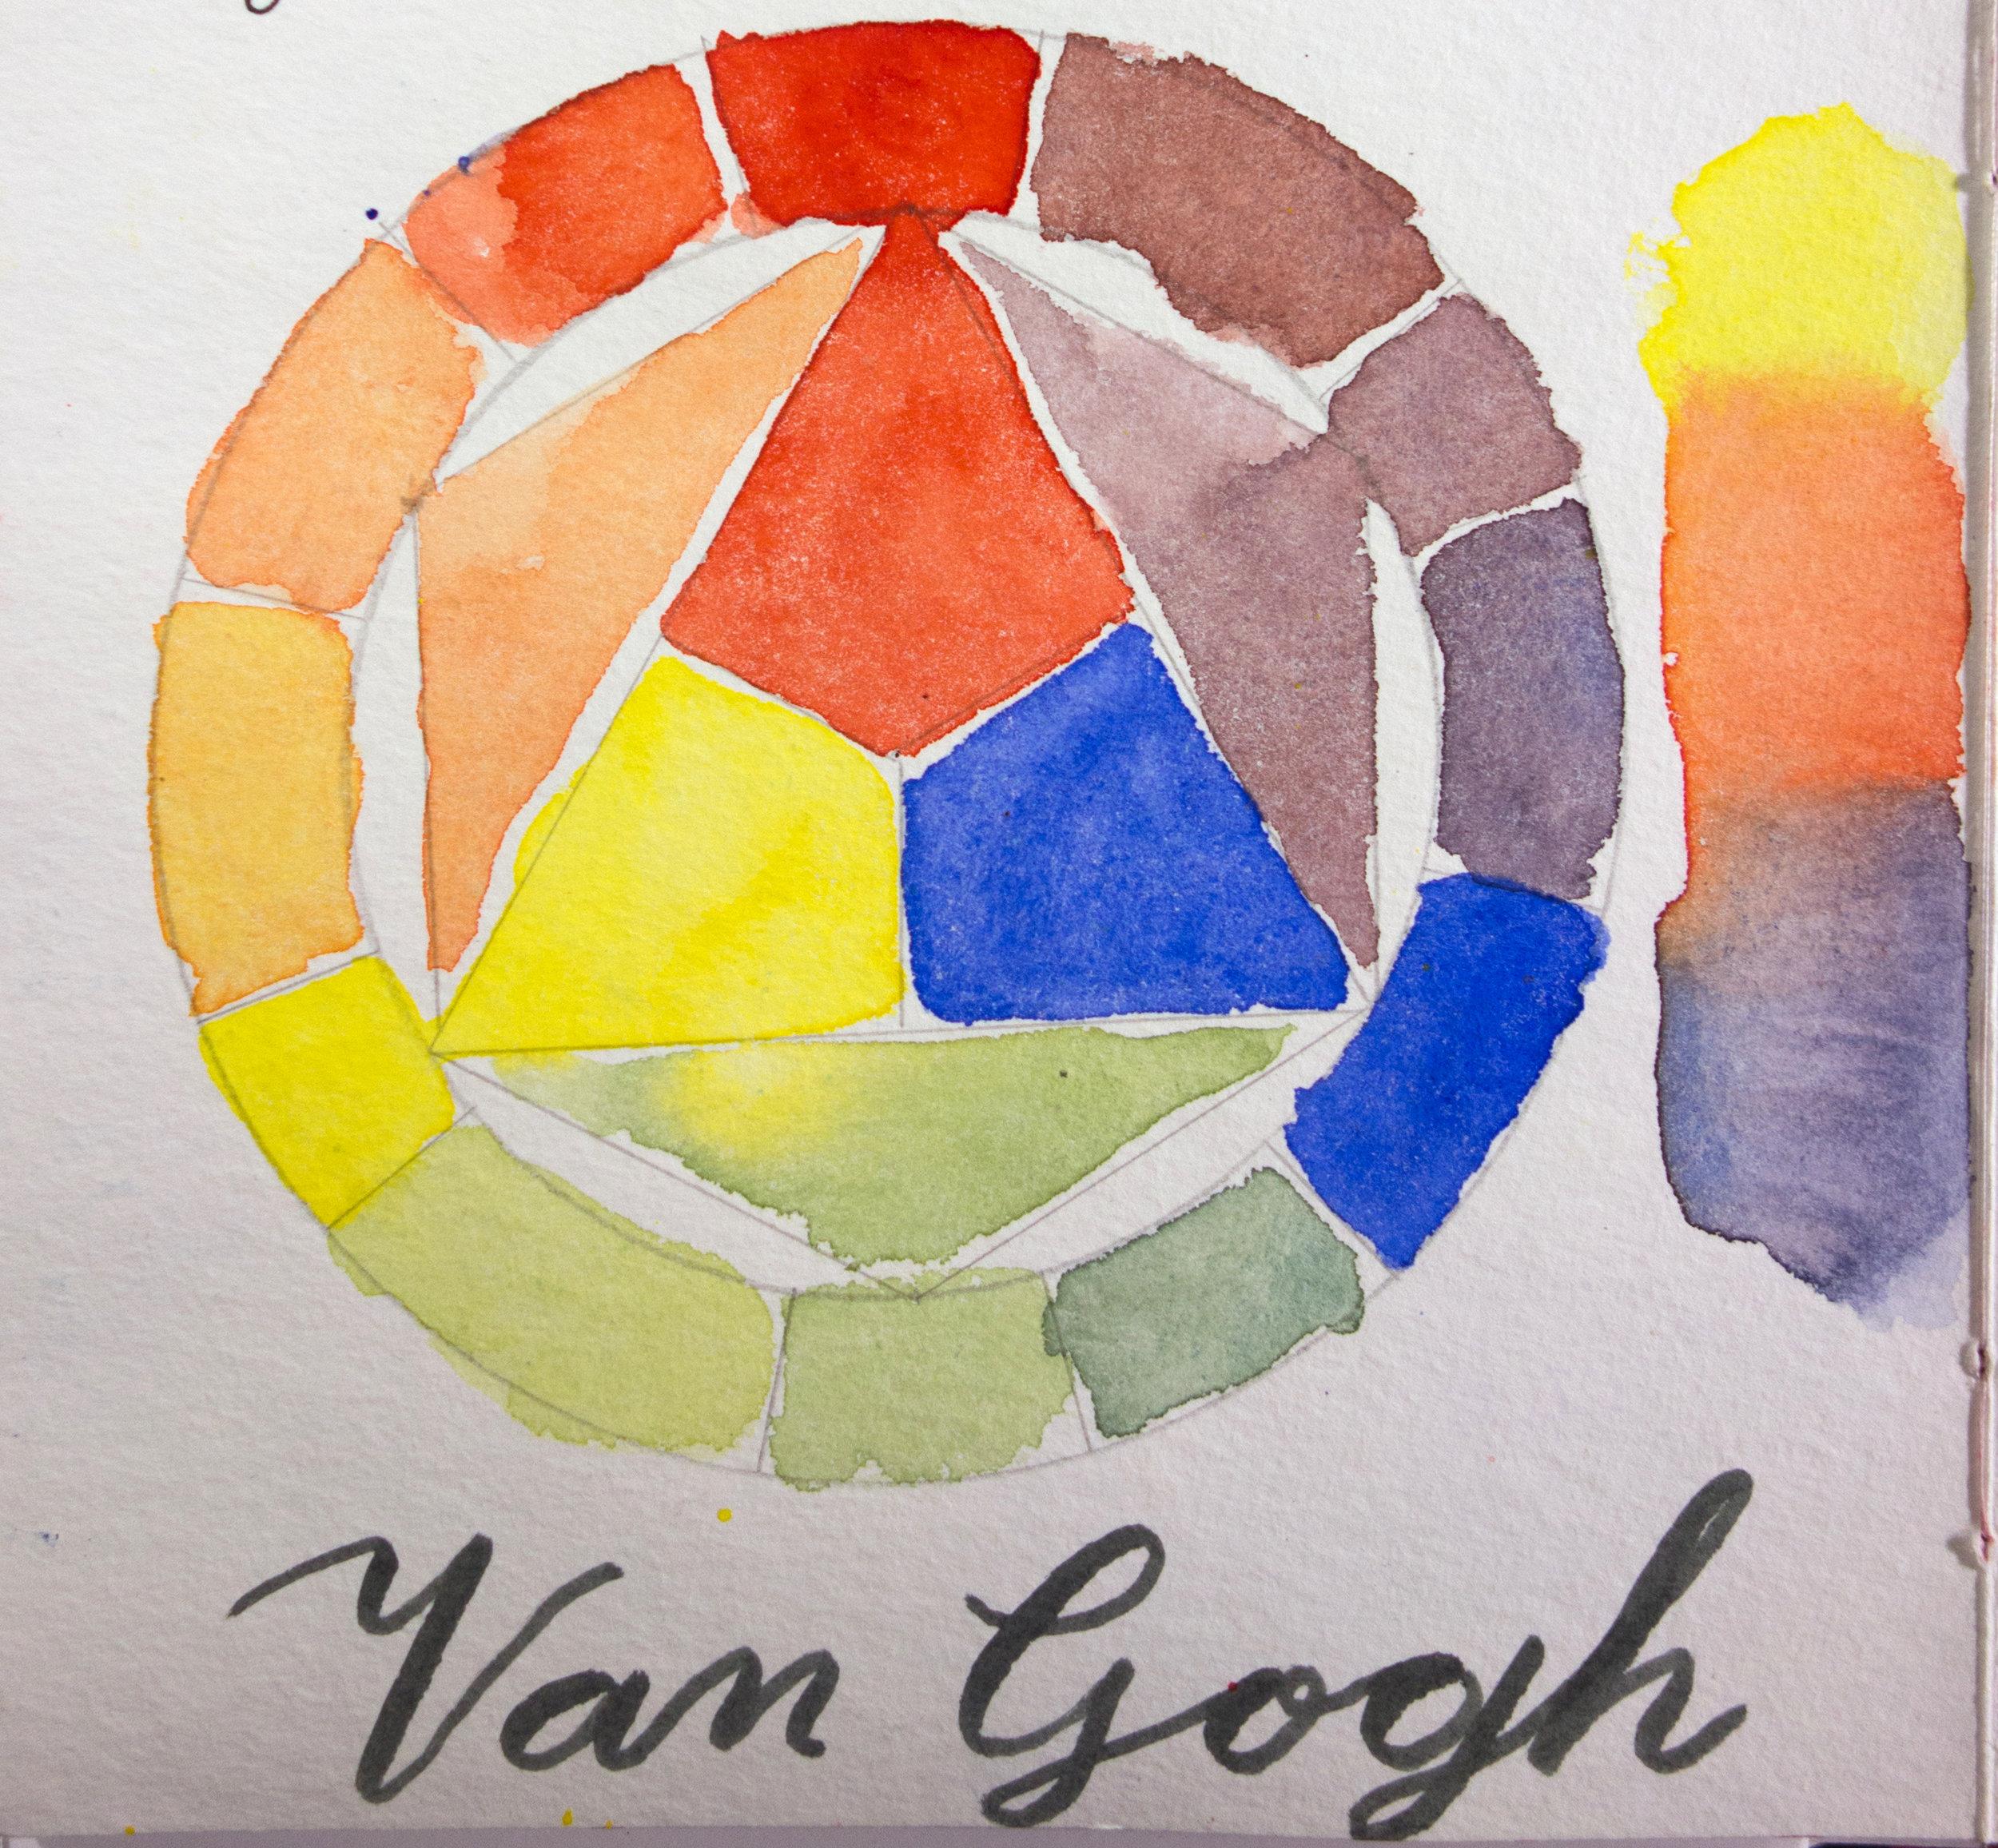 Van Gogh Color Wheel